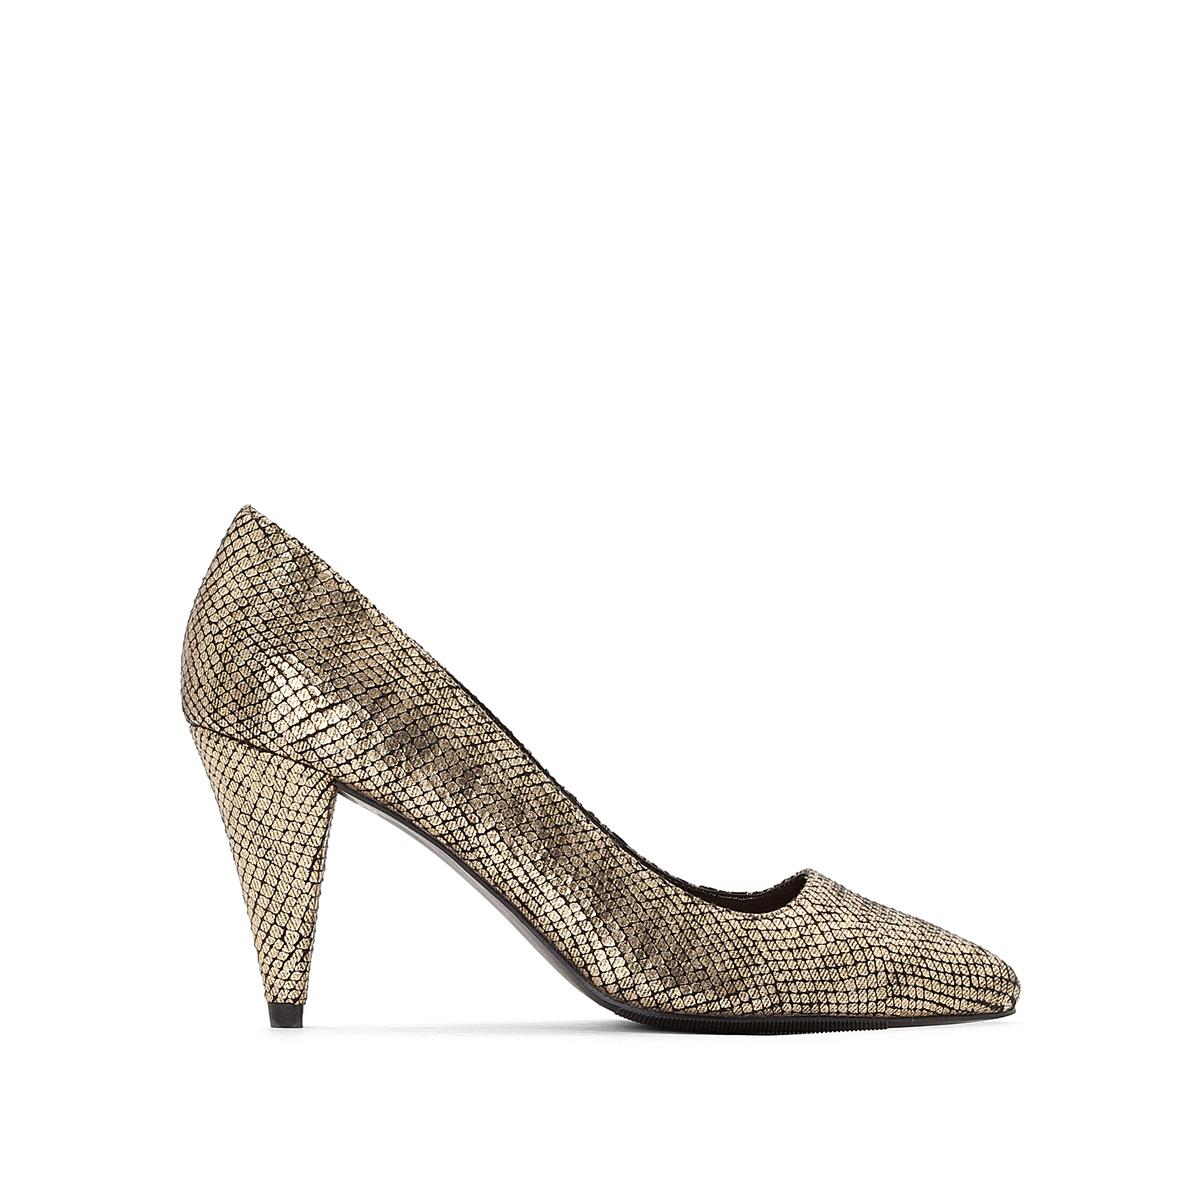 Туфли на высоком каблуке под кожу рептилии золотистого цвета цены онлайн